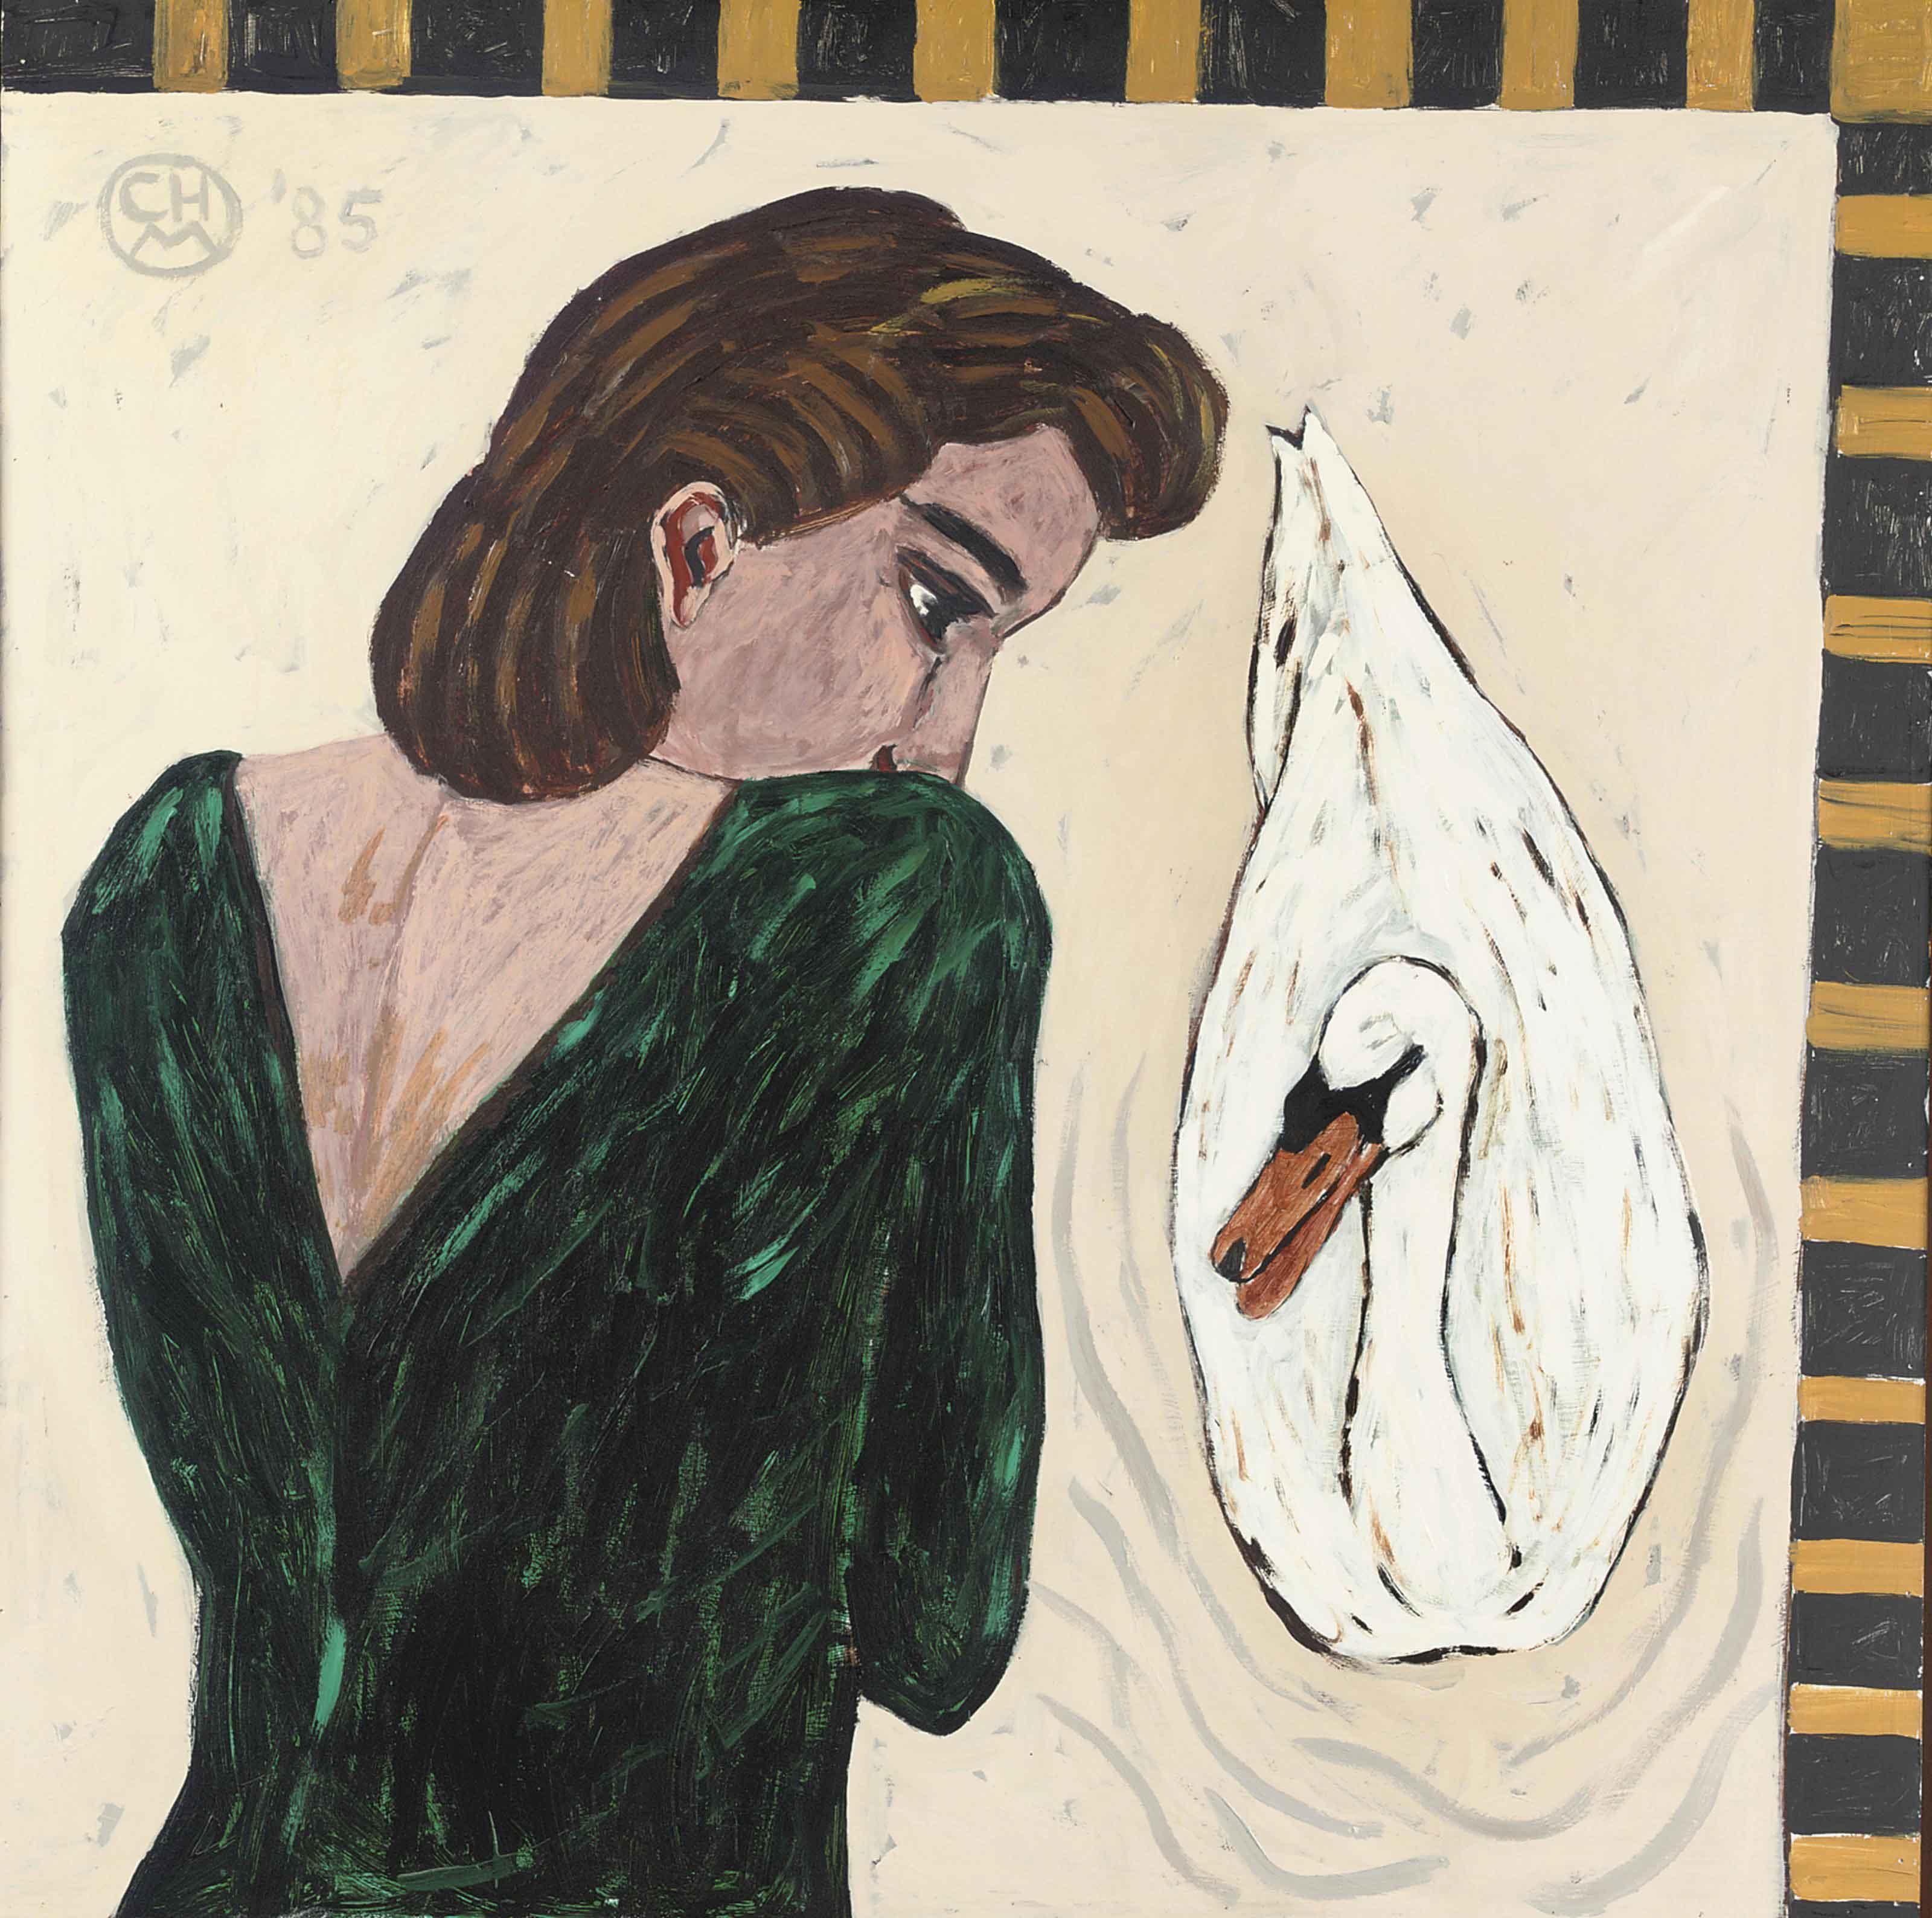 Charlotte Mutsaers (b. 1942)